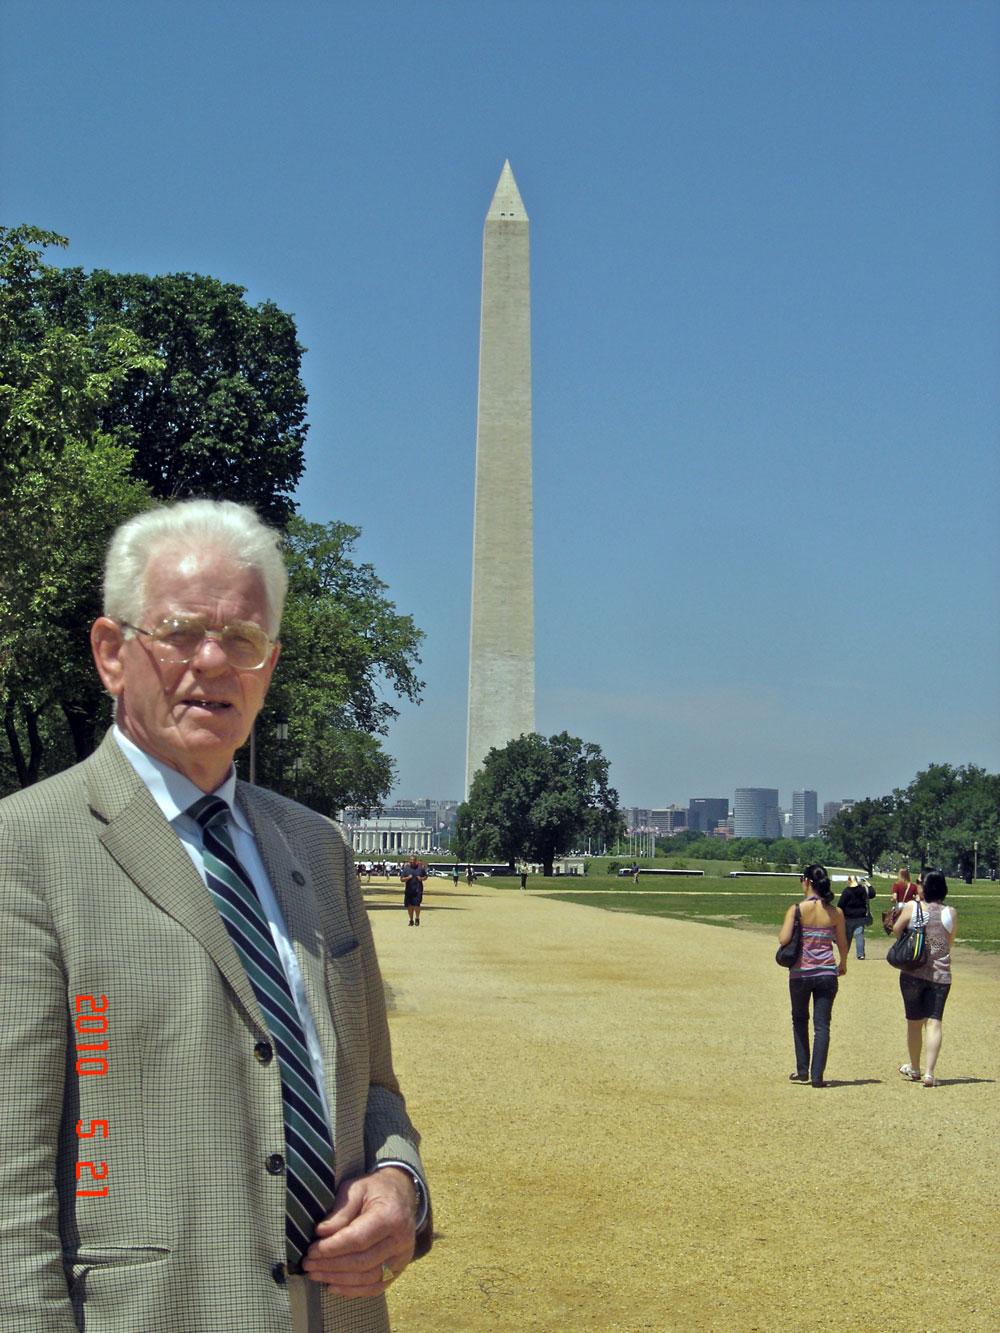 Bill-in-Washington